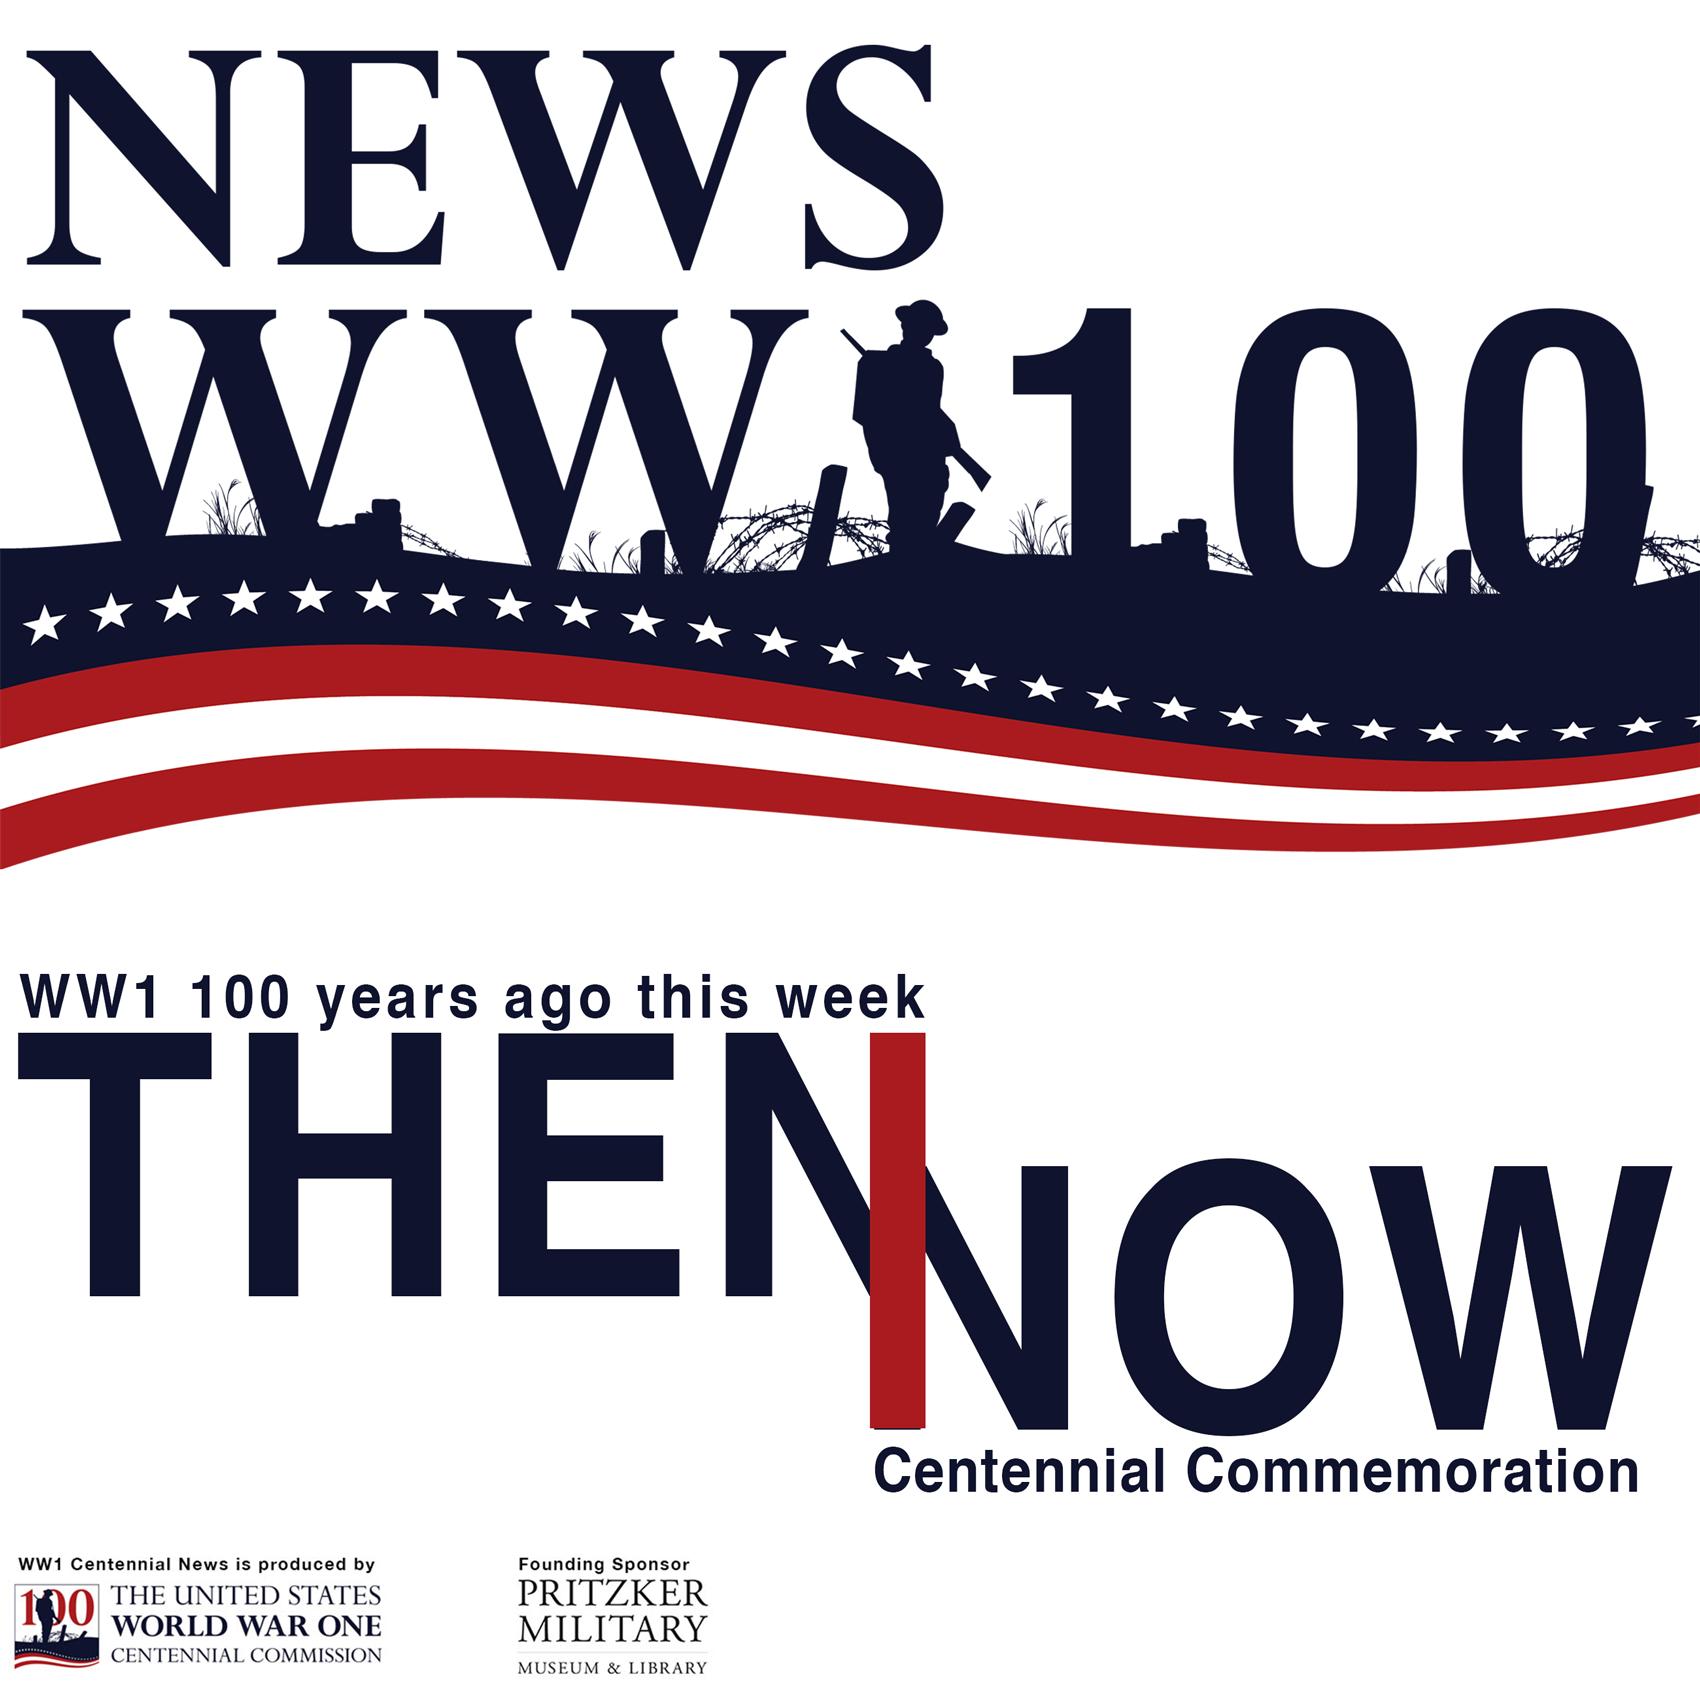 WW1 Centennial News